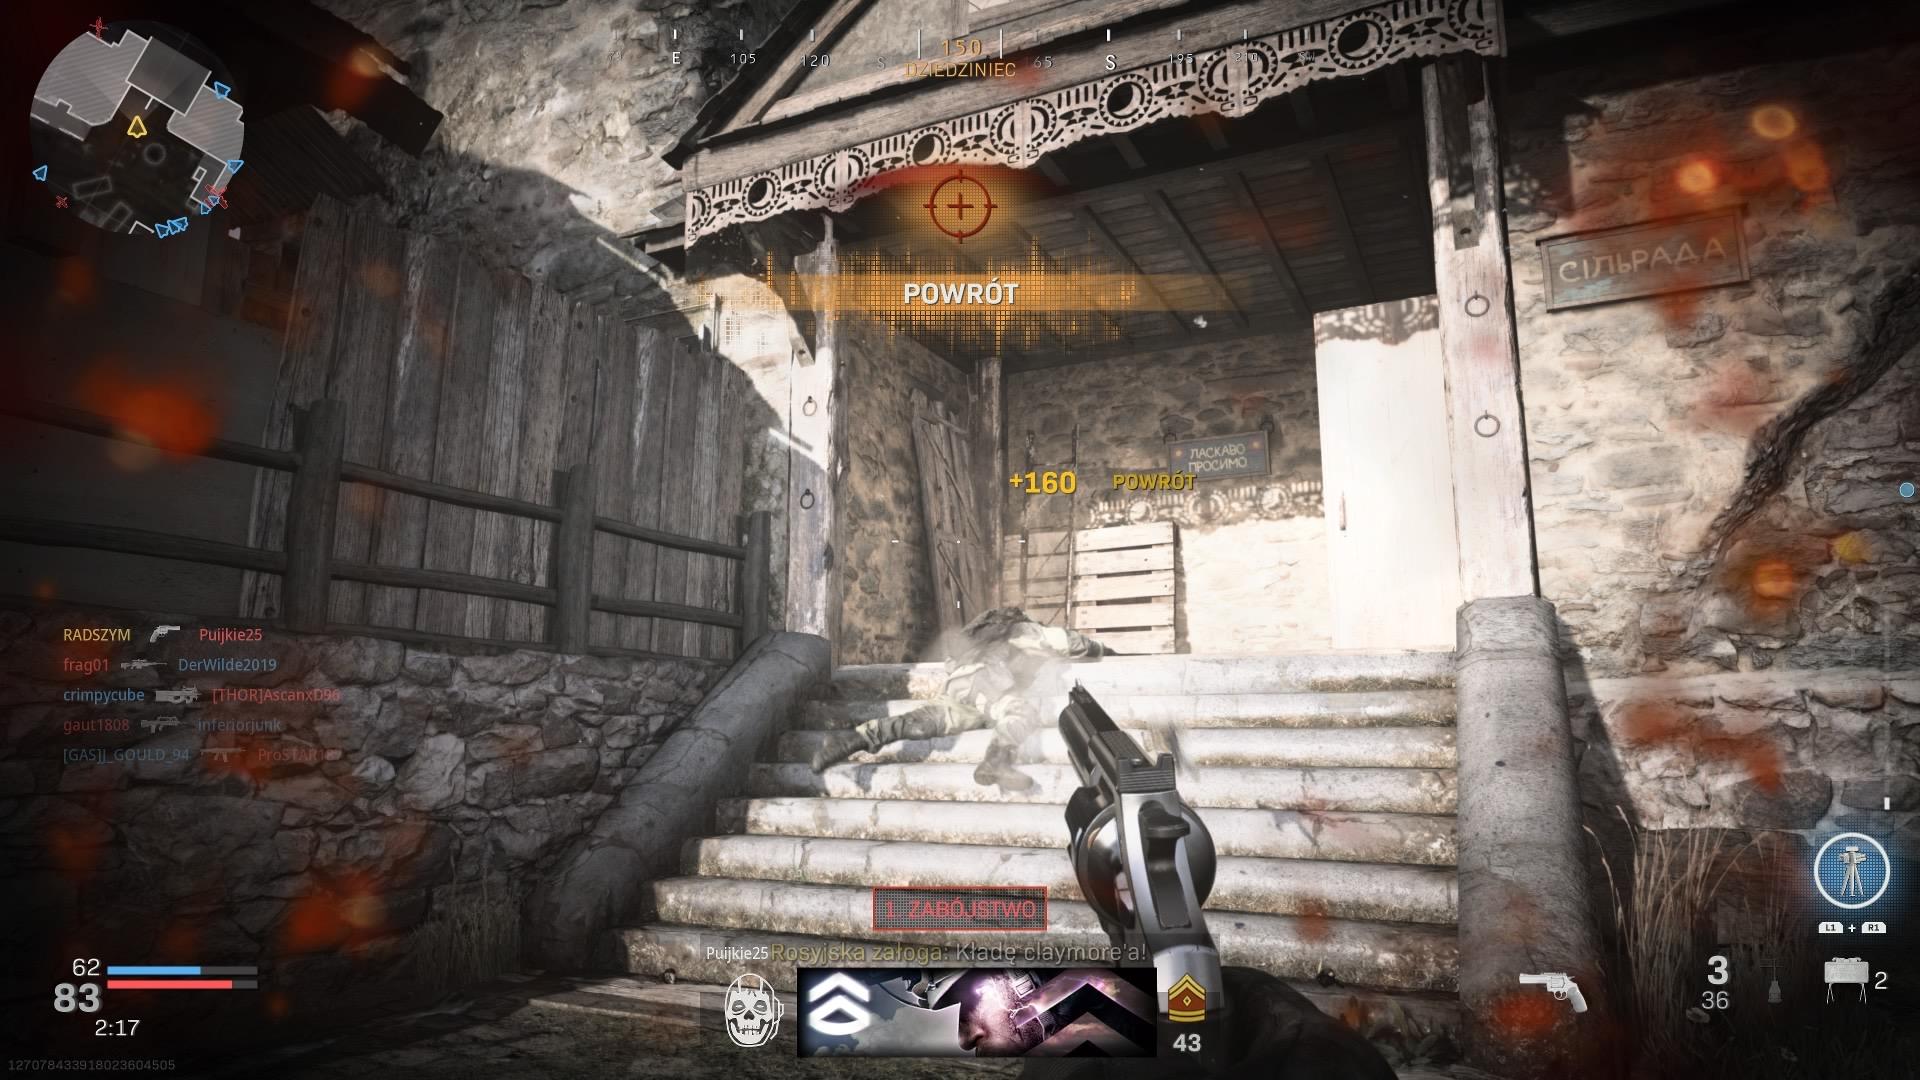 Edari bat hartzen dut eta Call of Duty Modern Warfare-k autokarabanak sustatzen dituen jokalarien lamentua lasaitzen dut.  Luma hauek musika dira 3